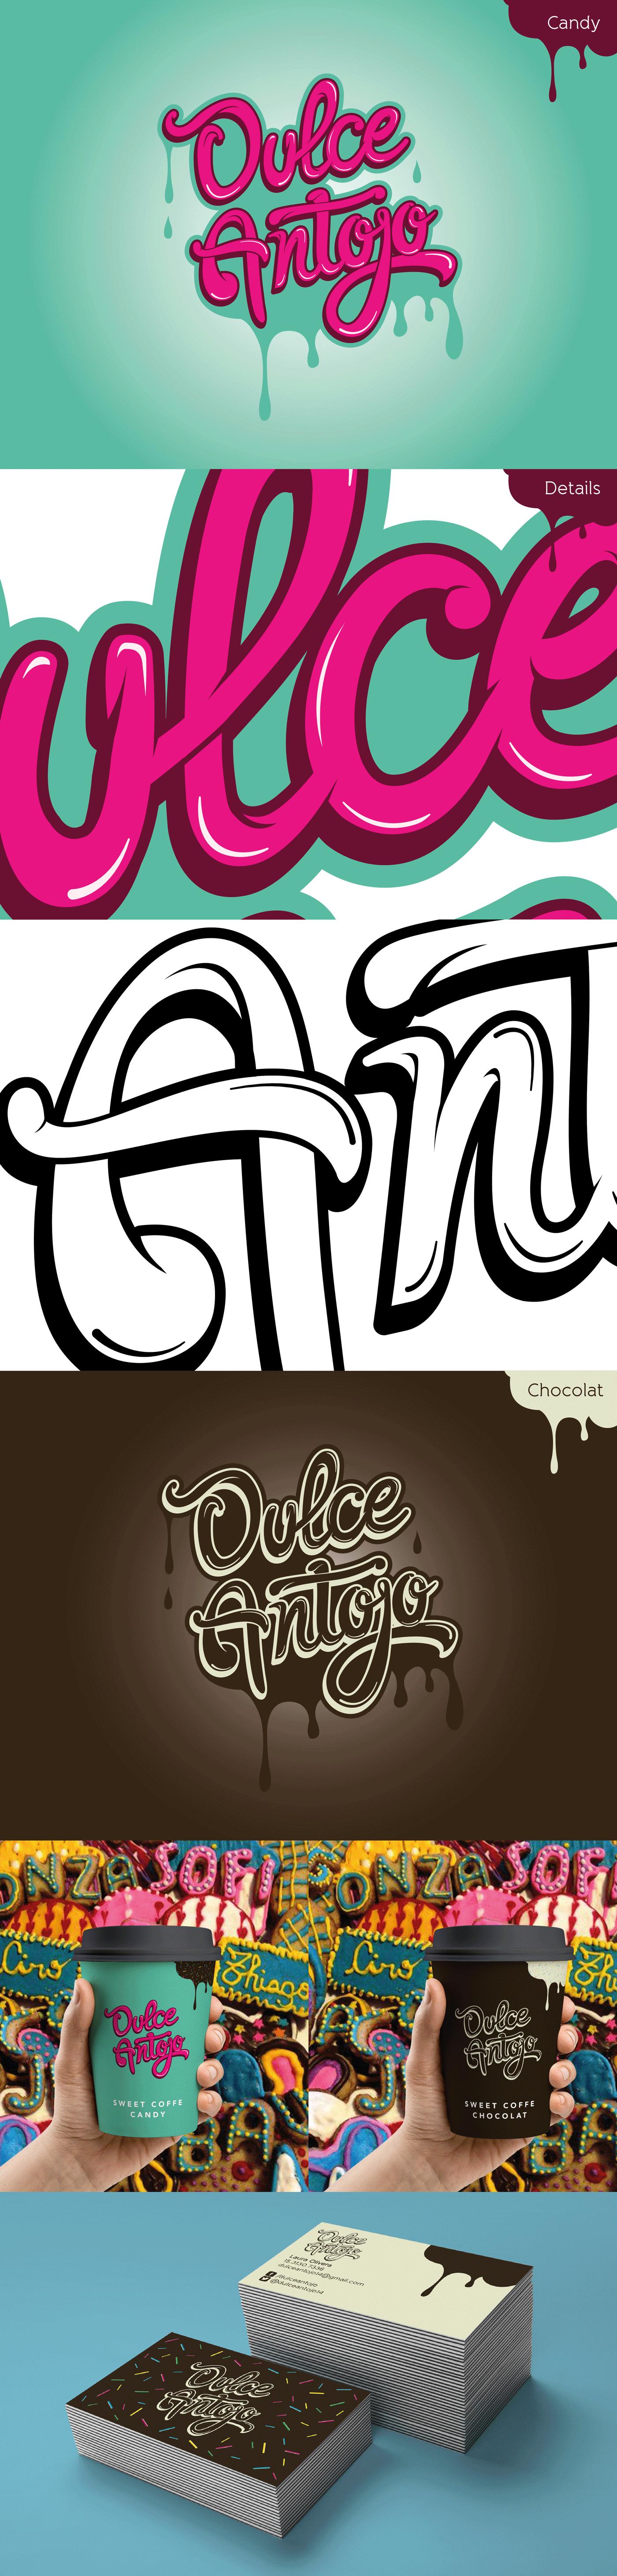 web-Dulce-antojo-01